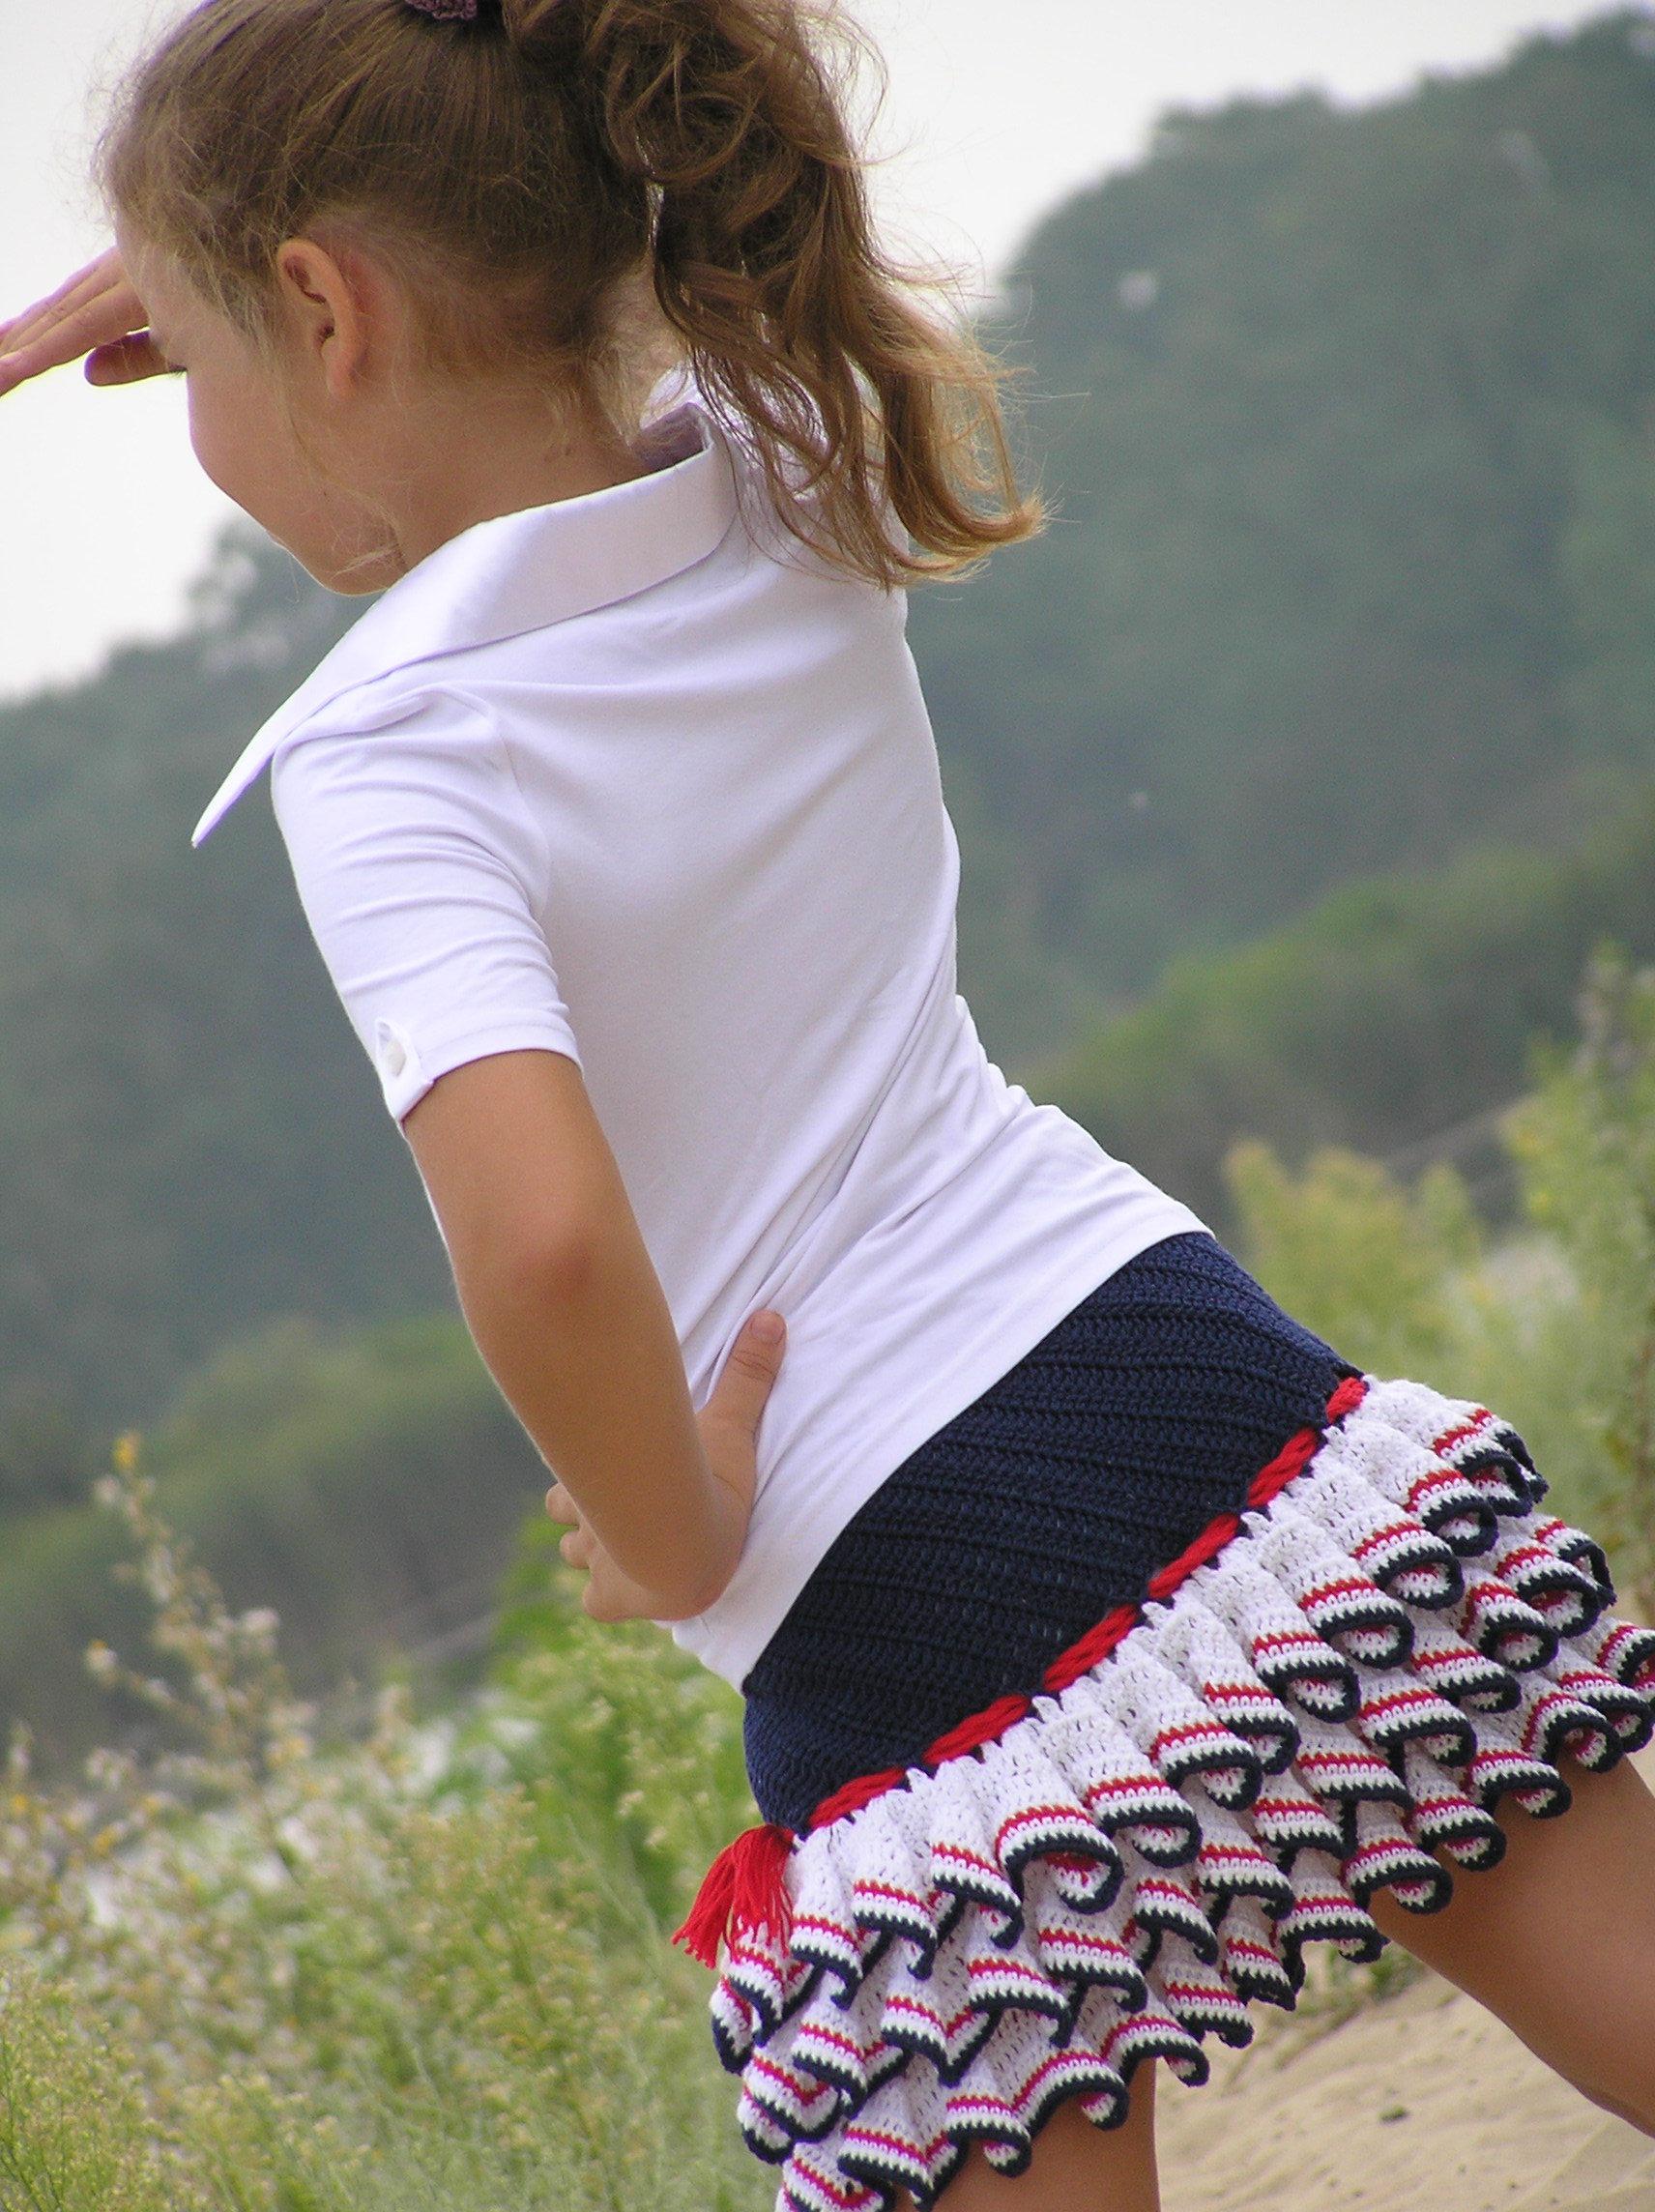 Стринги на юнных девочек 11 фотография